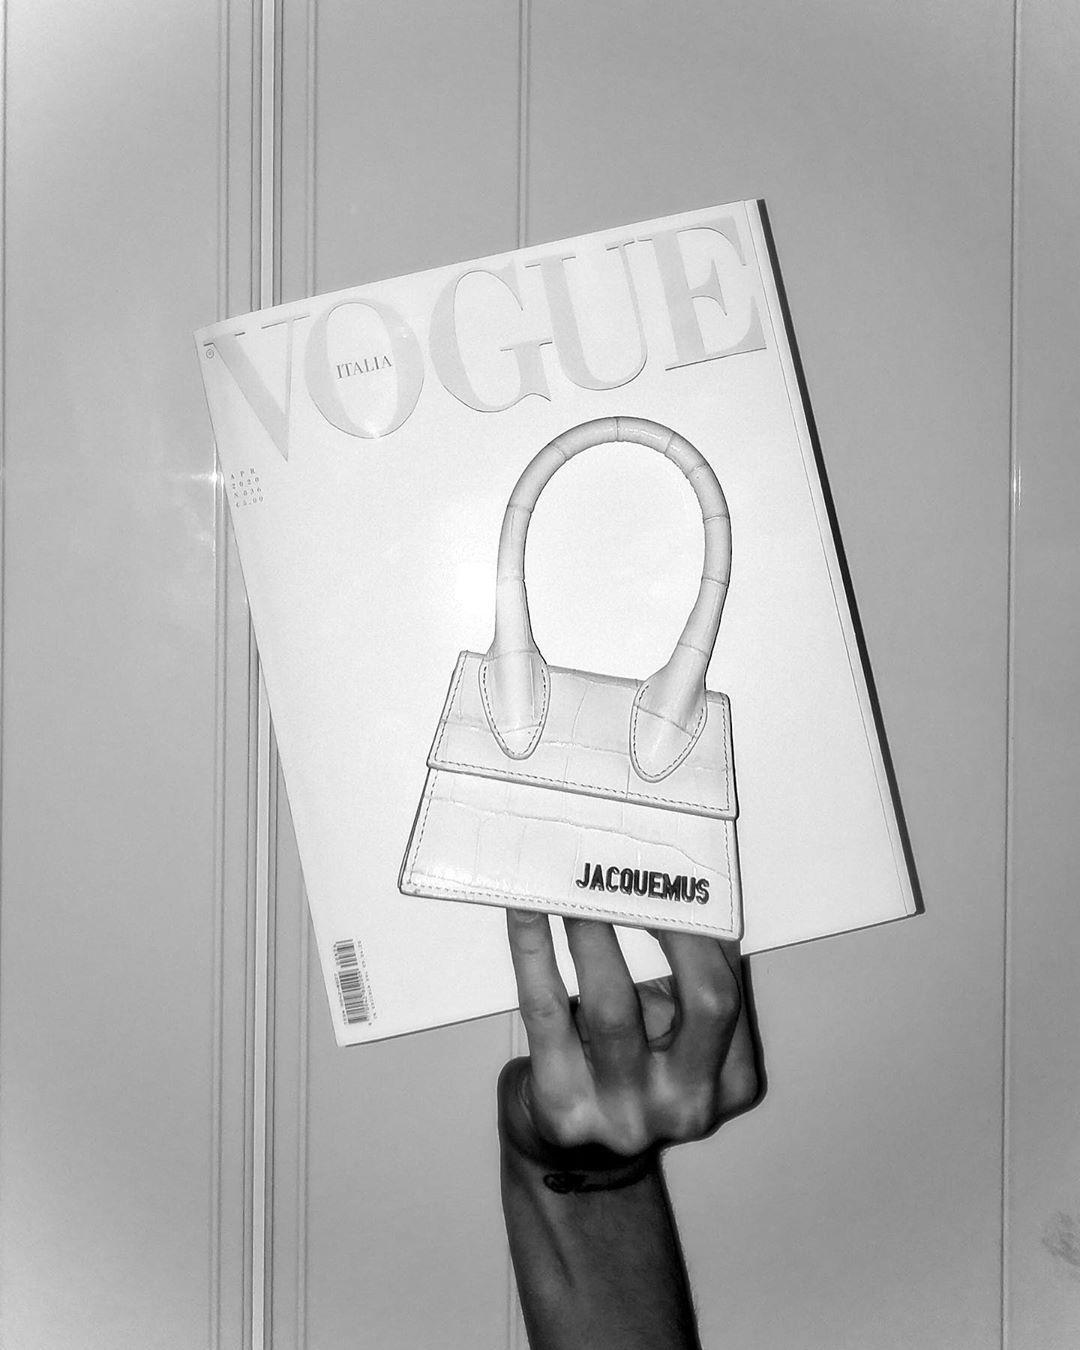 """Gianluca Rispoli on Instagram: """"cover girl -  @vogueitalia  #whitecanvas  #jacquemusathome #vogueitalia #voguecover #love #jacquemus"""